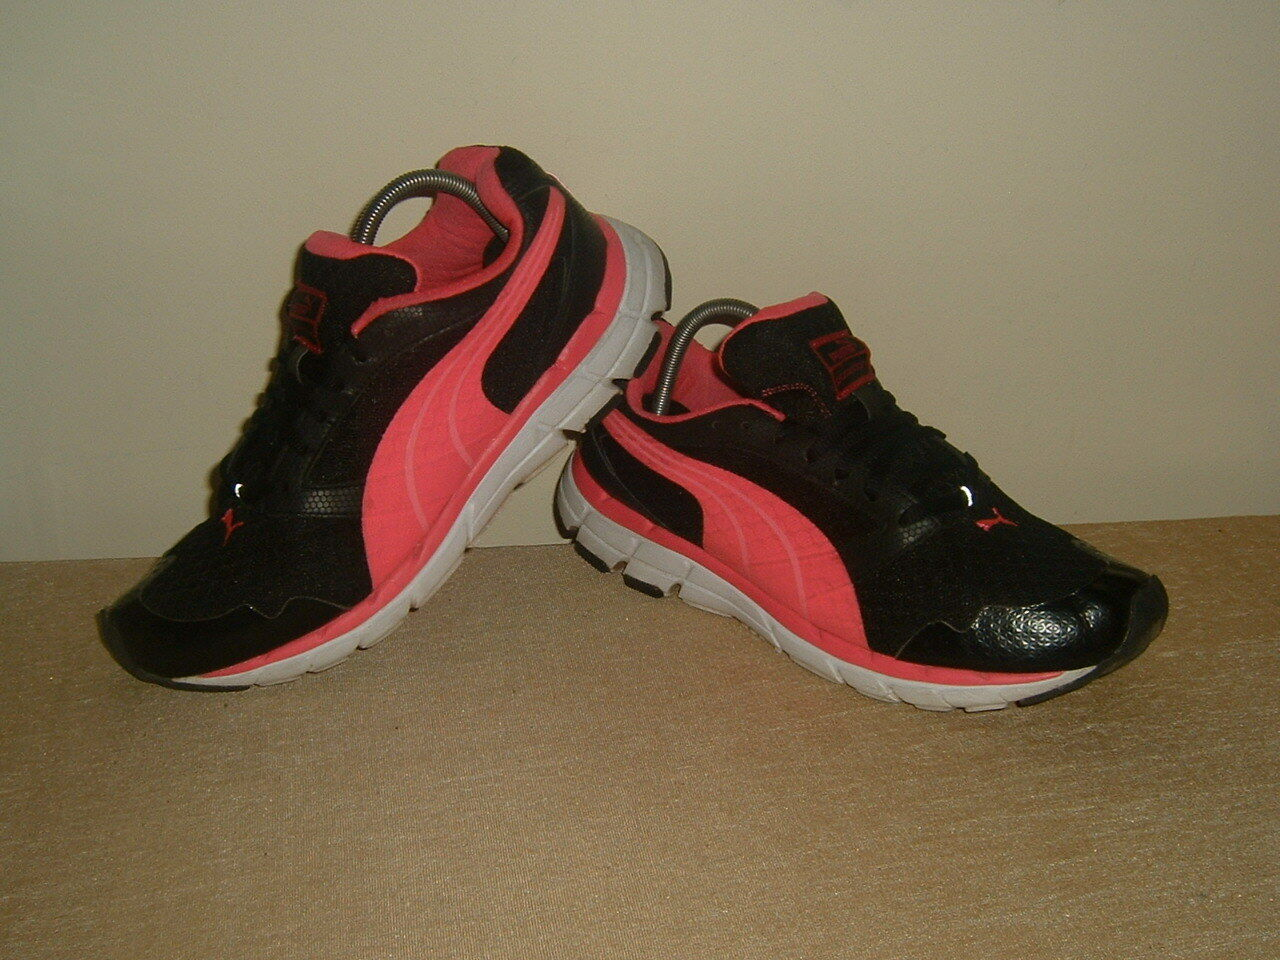 Puma Poseidon Femmes âgées Fille Noir/Rose Running Baskets Chaussures 39 UK 3